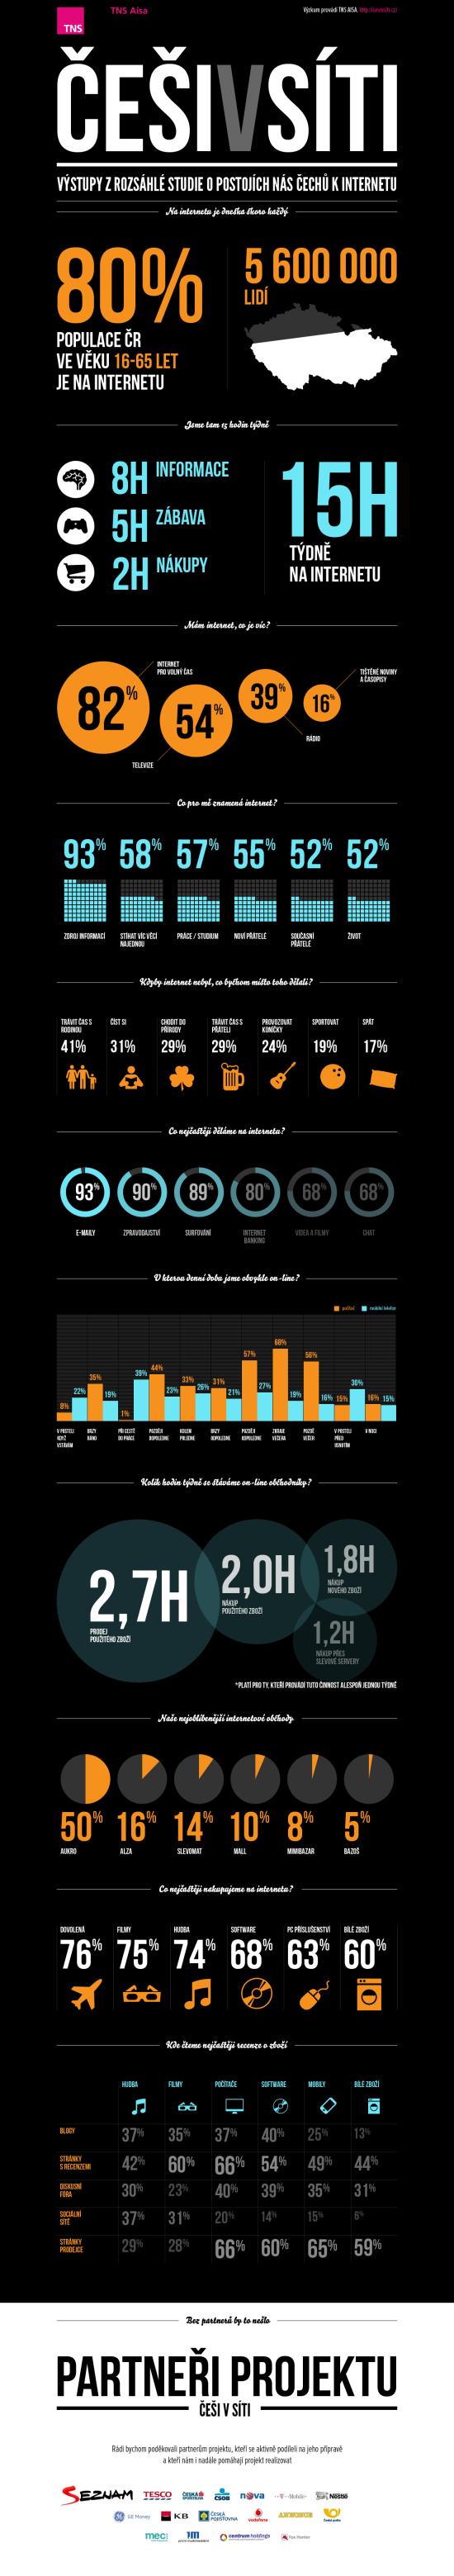 Češi v síti - infografika